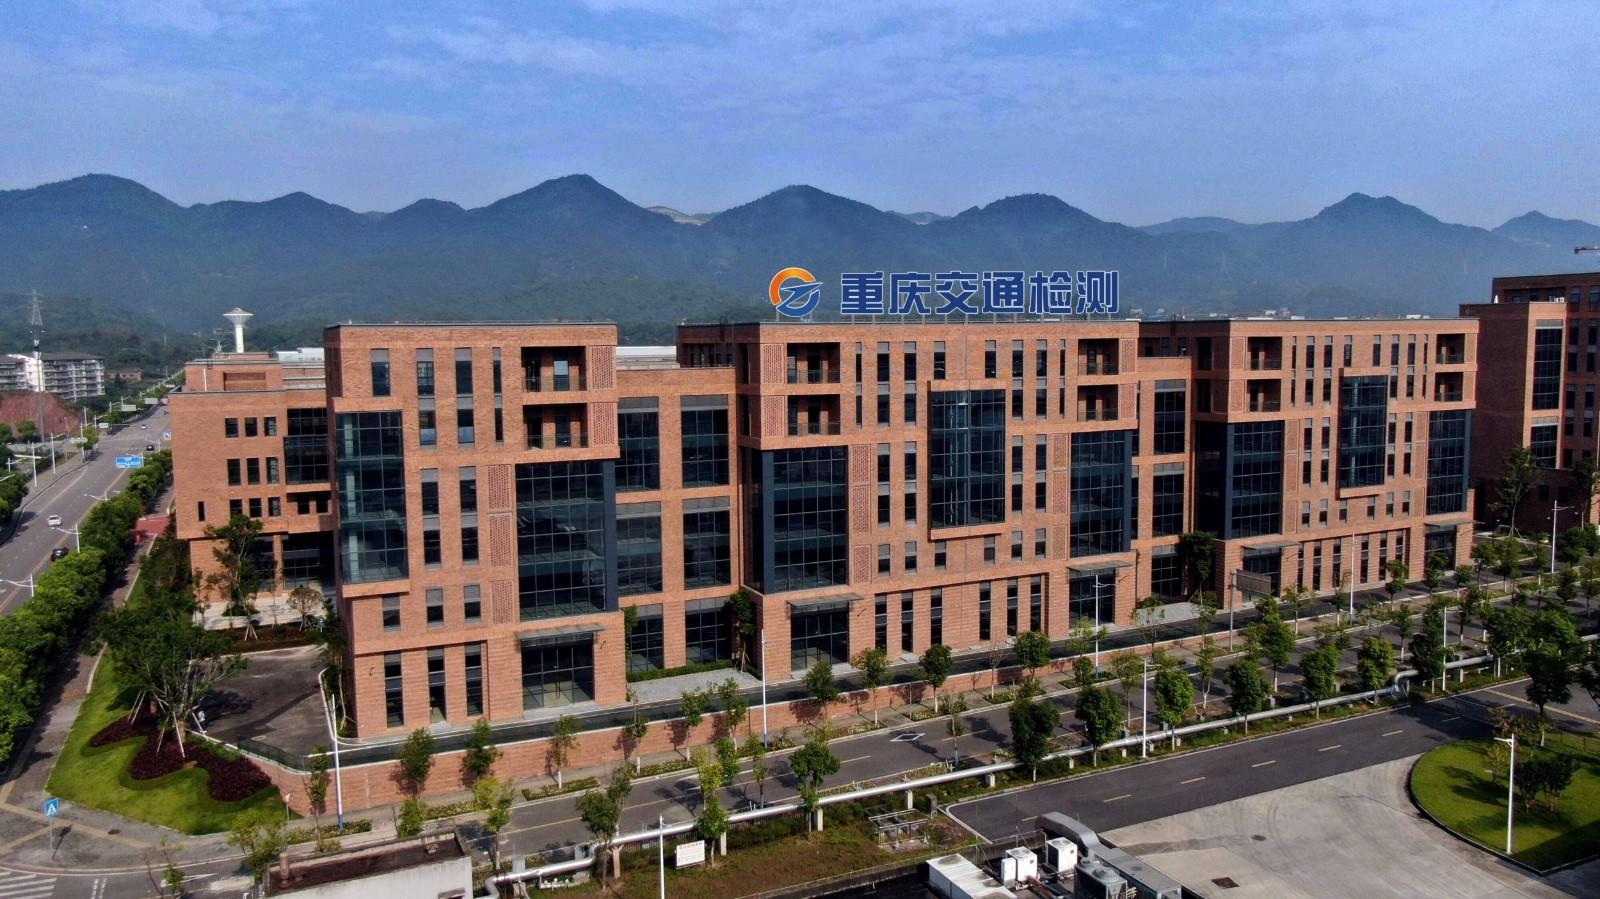 重庆市交通工程质量检测有限公司_联英人才网_hrm.cn